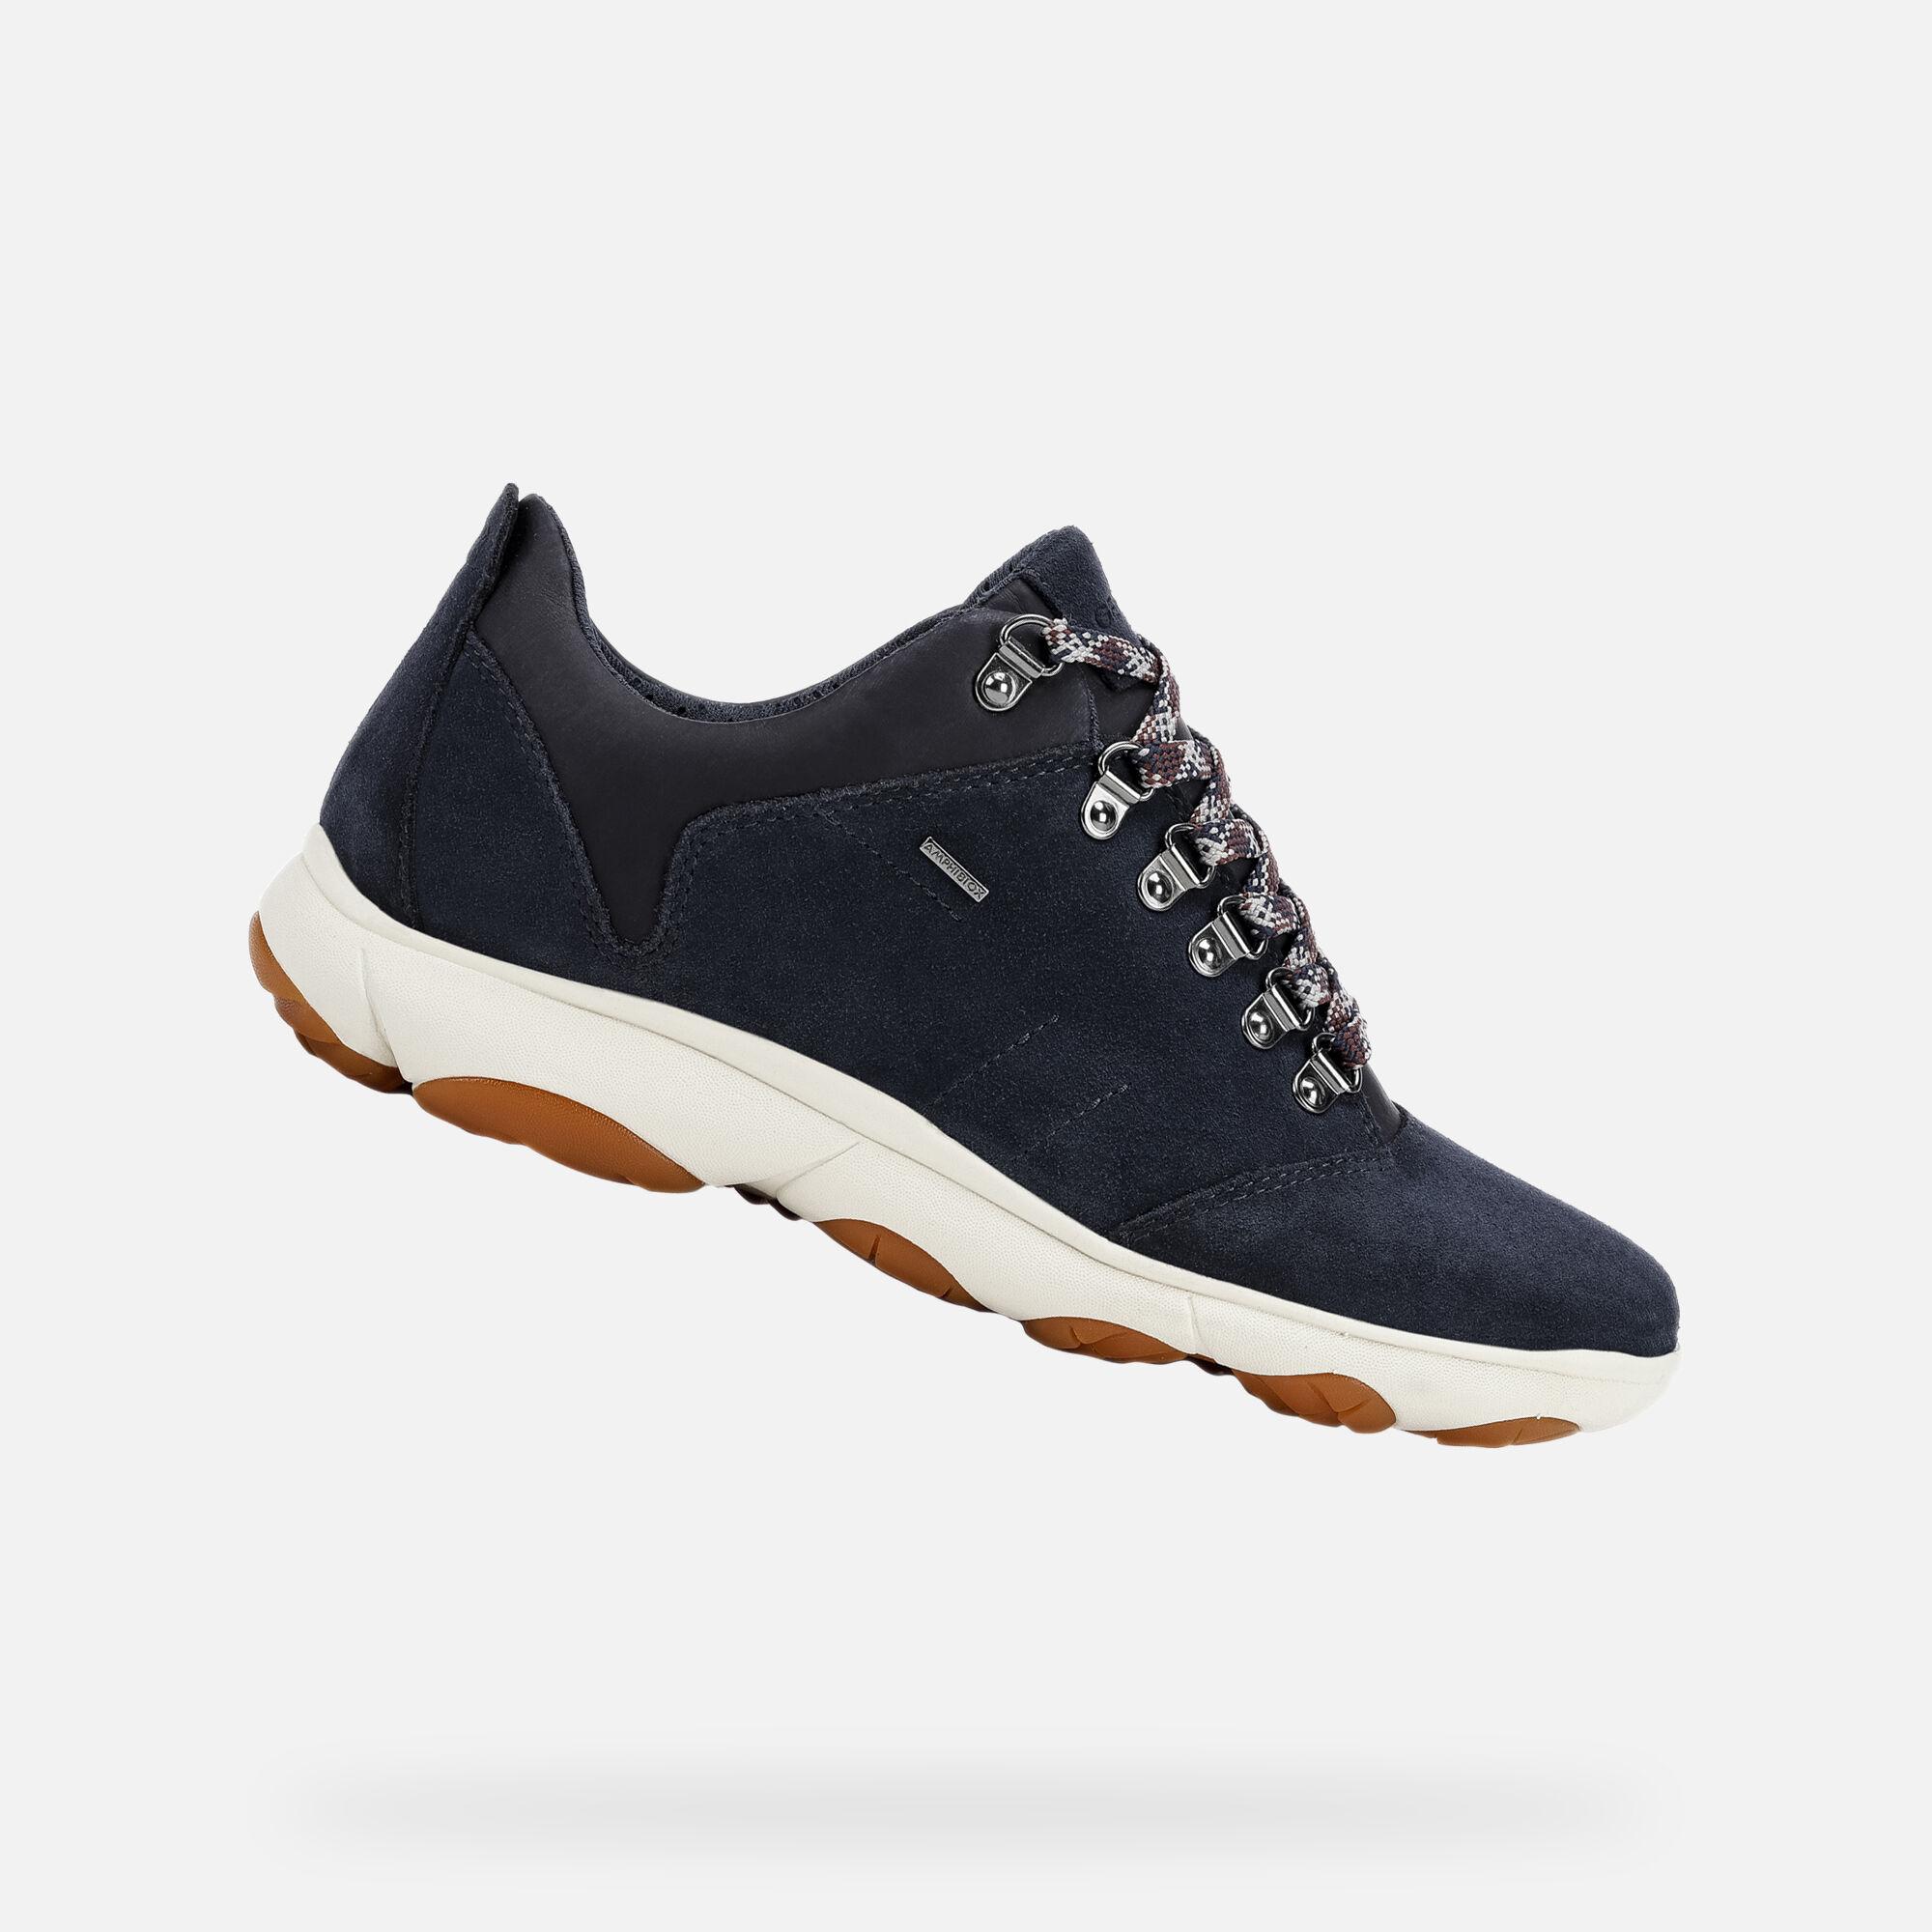 Geox NEBULA 4 X 4 B ABX Woman: Blue Sneakers | Geox FW1920